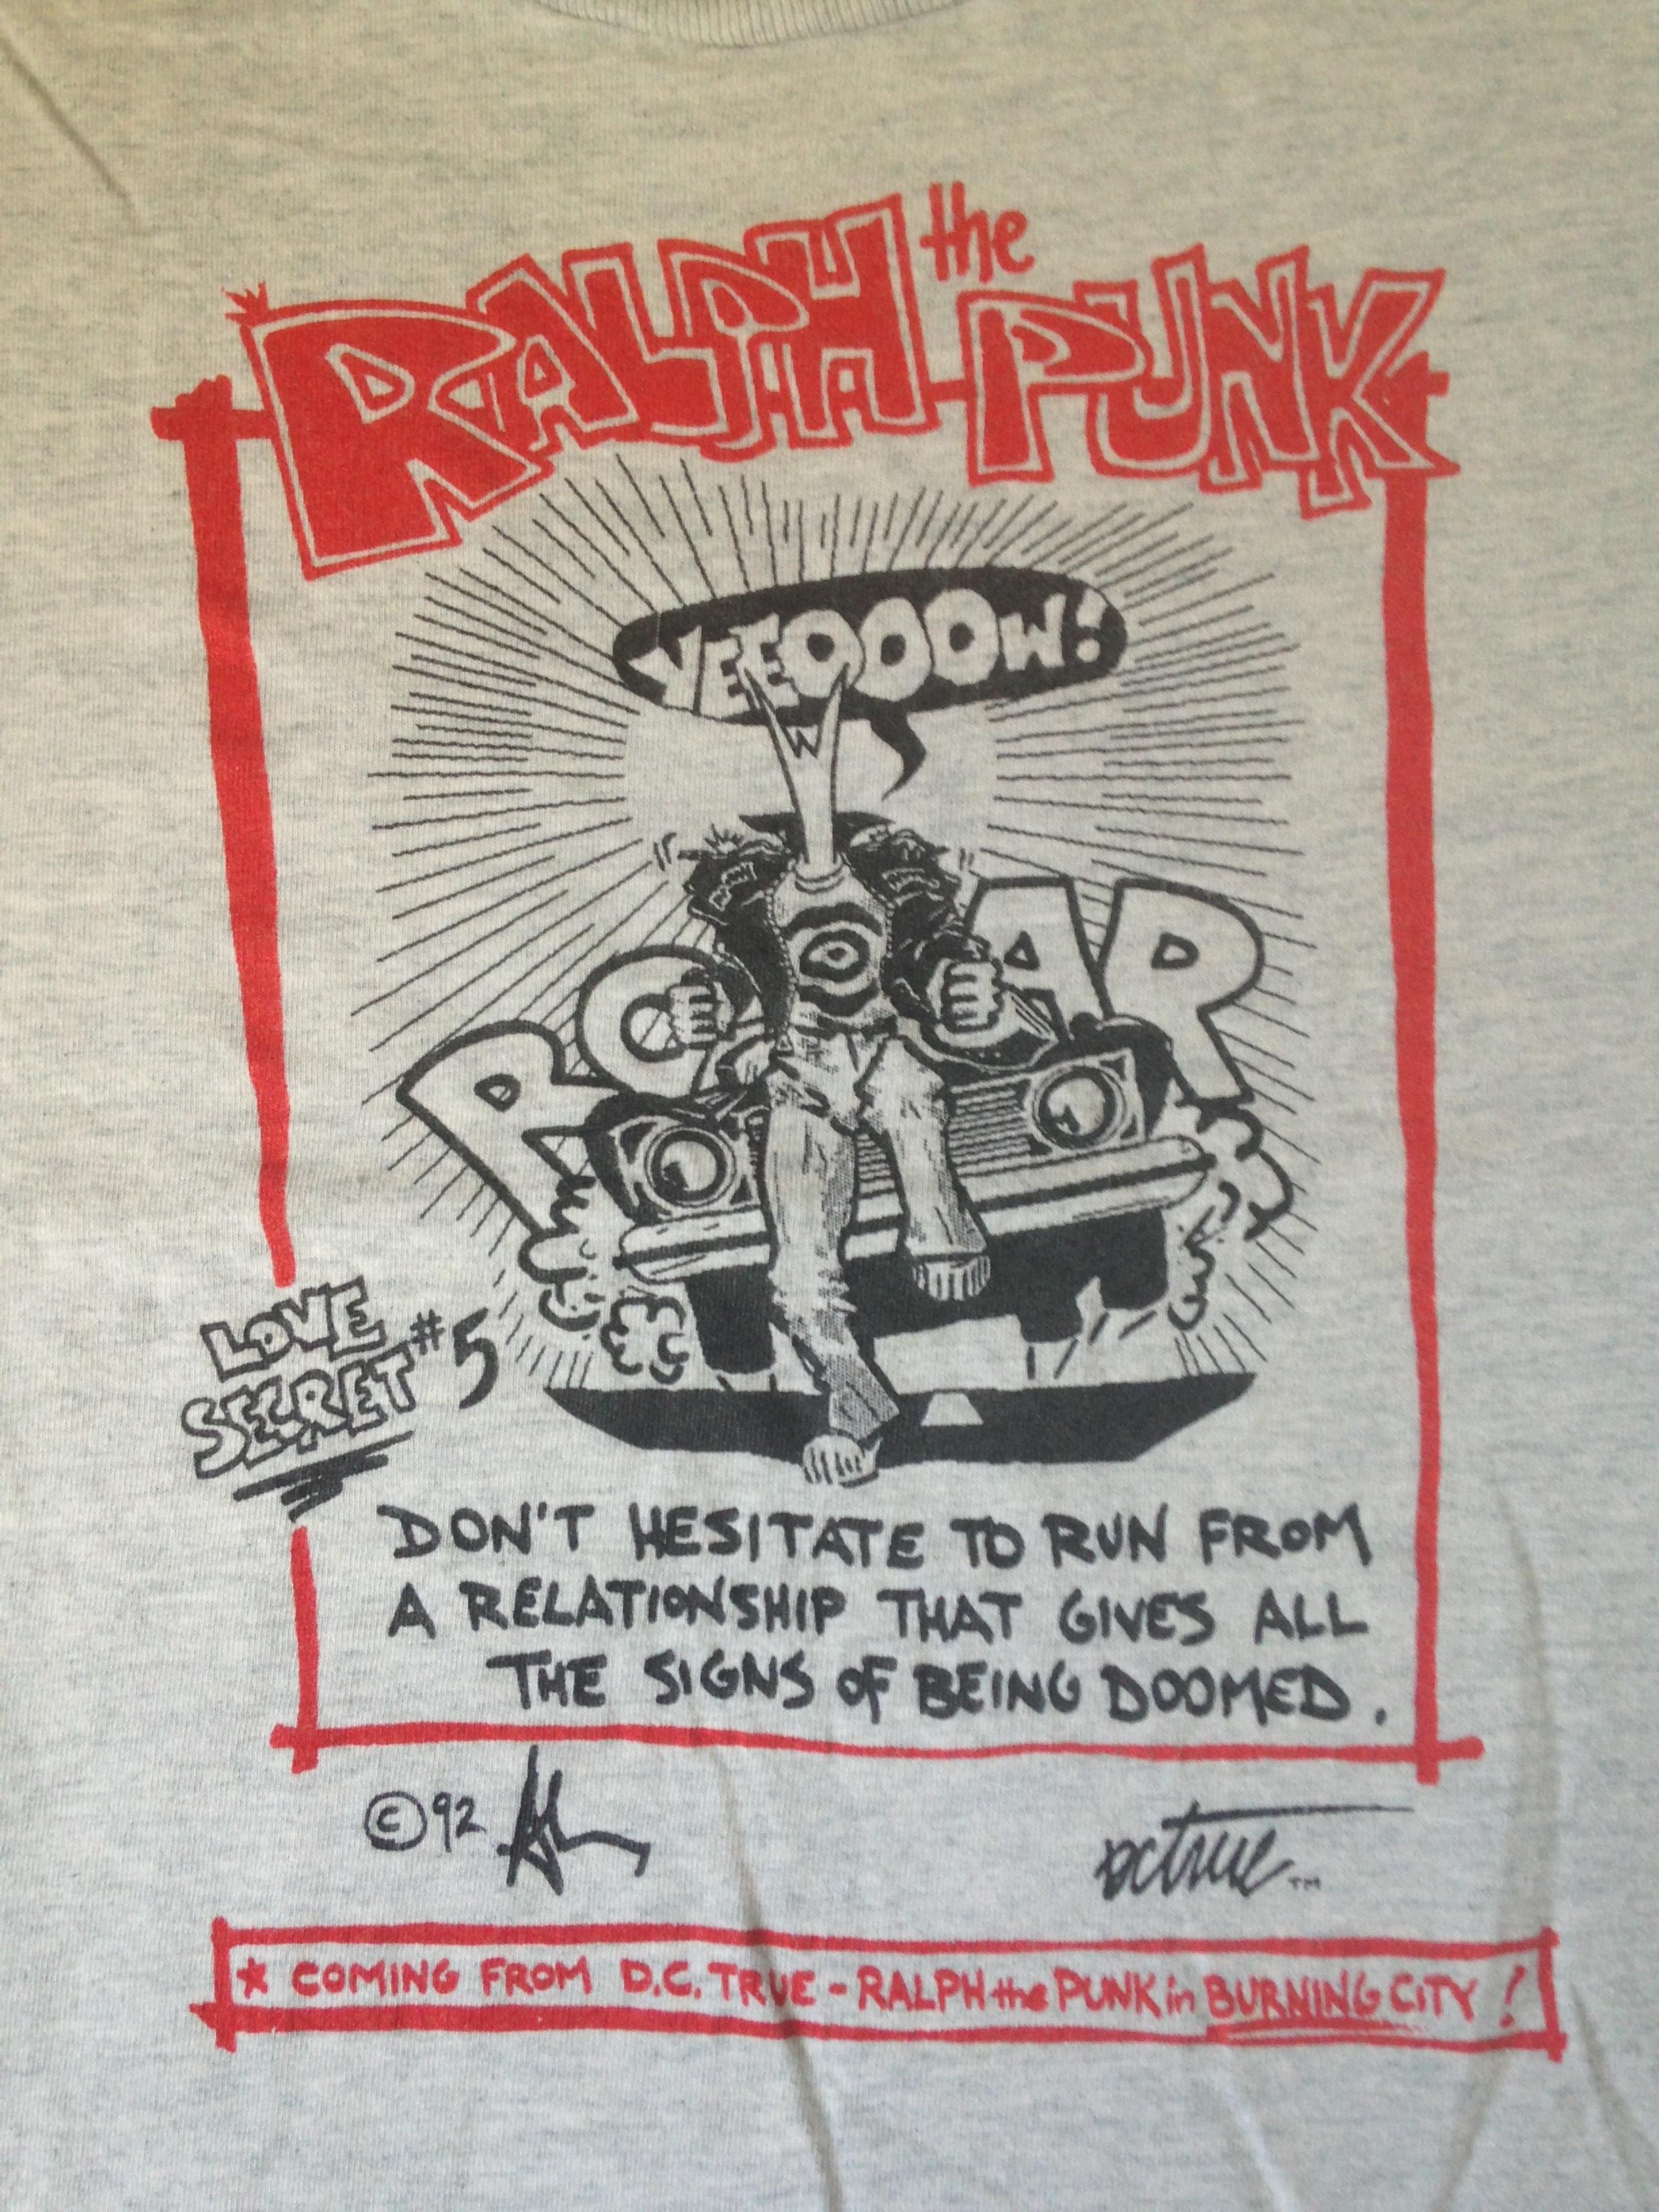 Ralph the Punk t-shirt